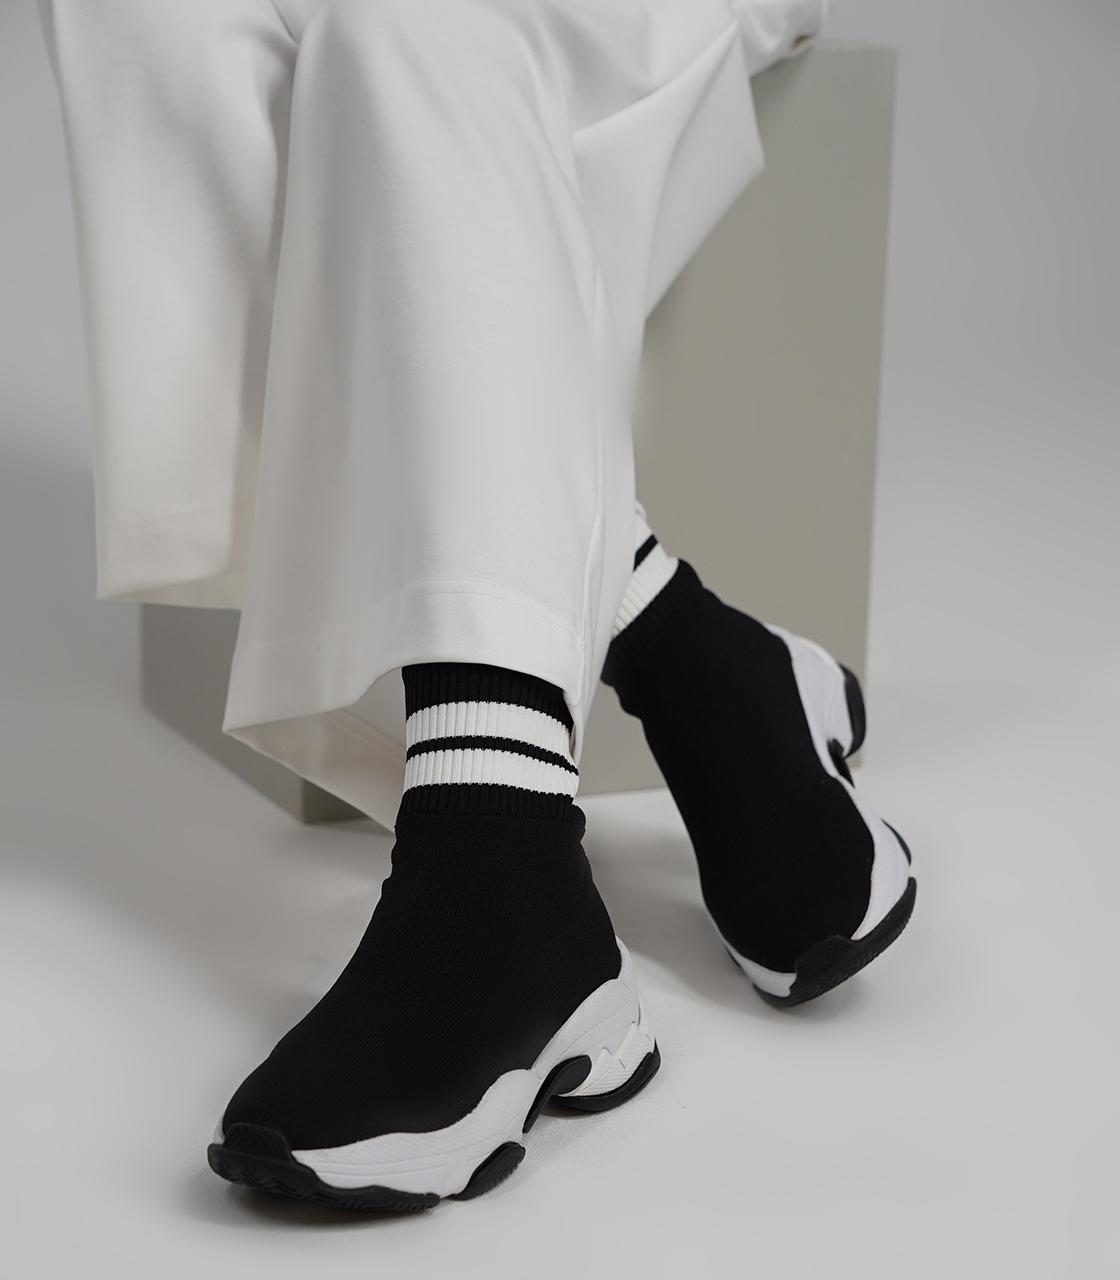 Jeffery campbell Высокие эластичные кроссовки Jeffery campbell недорого